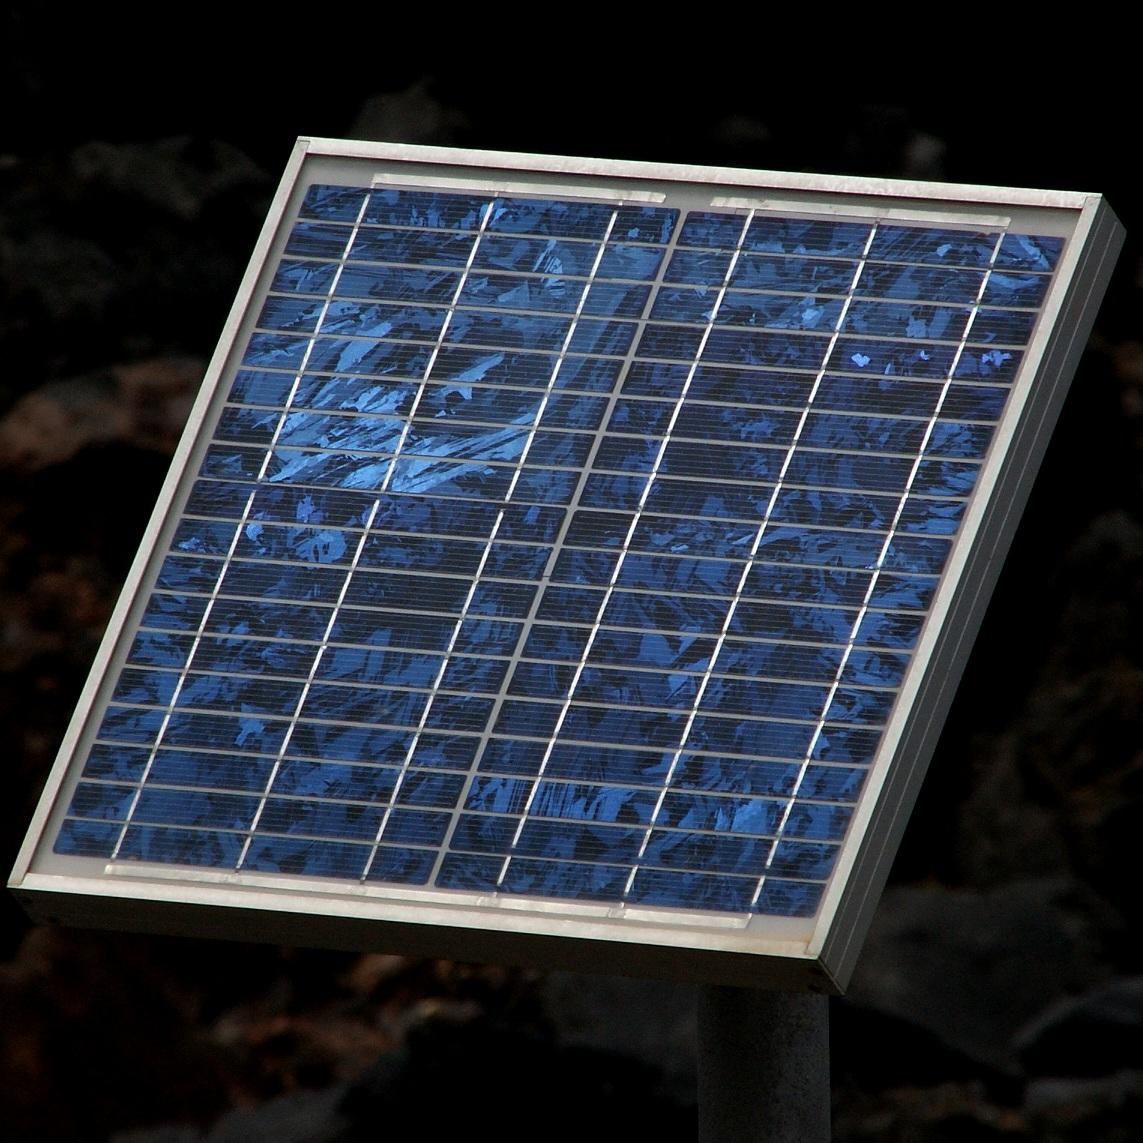 On peut voir les morceaux de silicium du panneau solaire polycrystallin